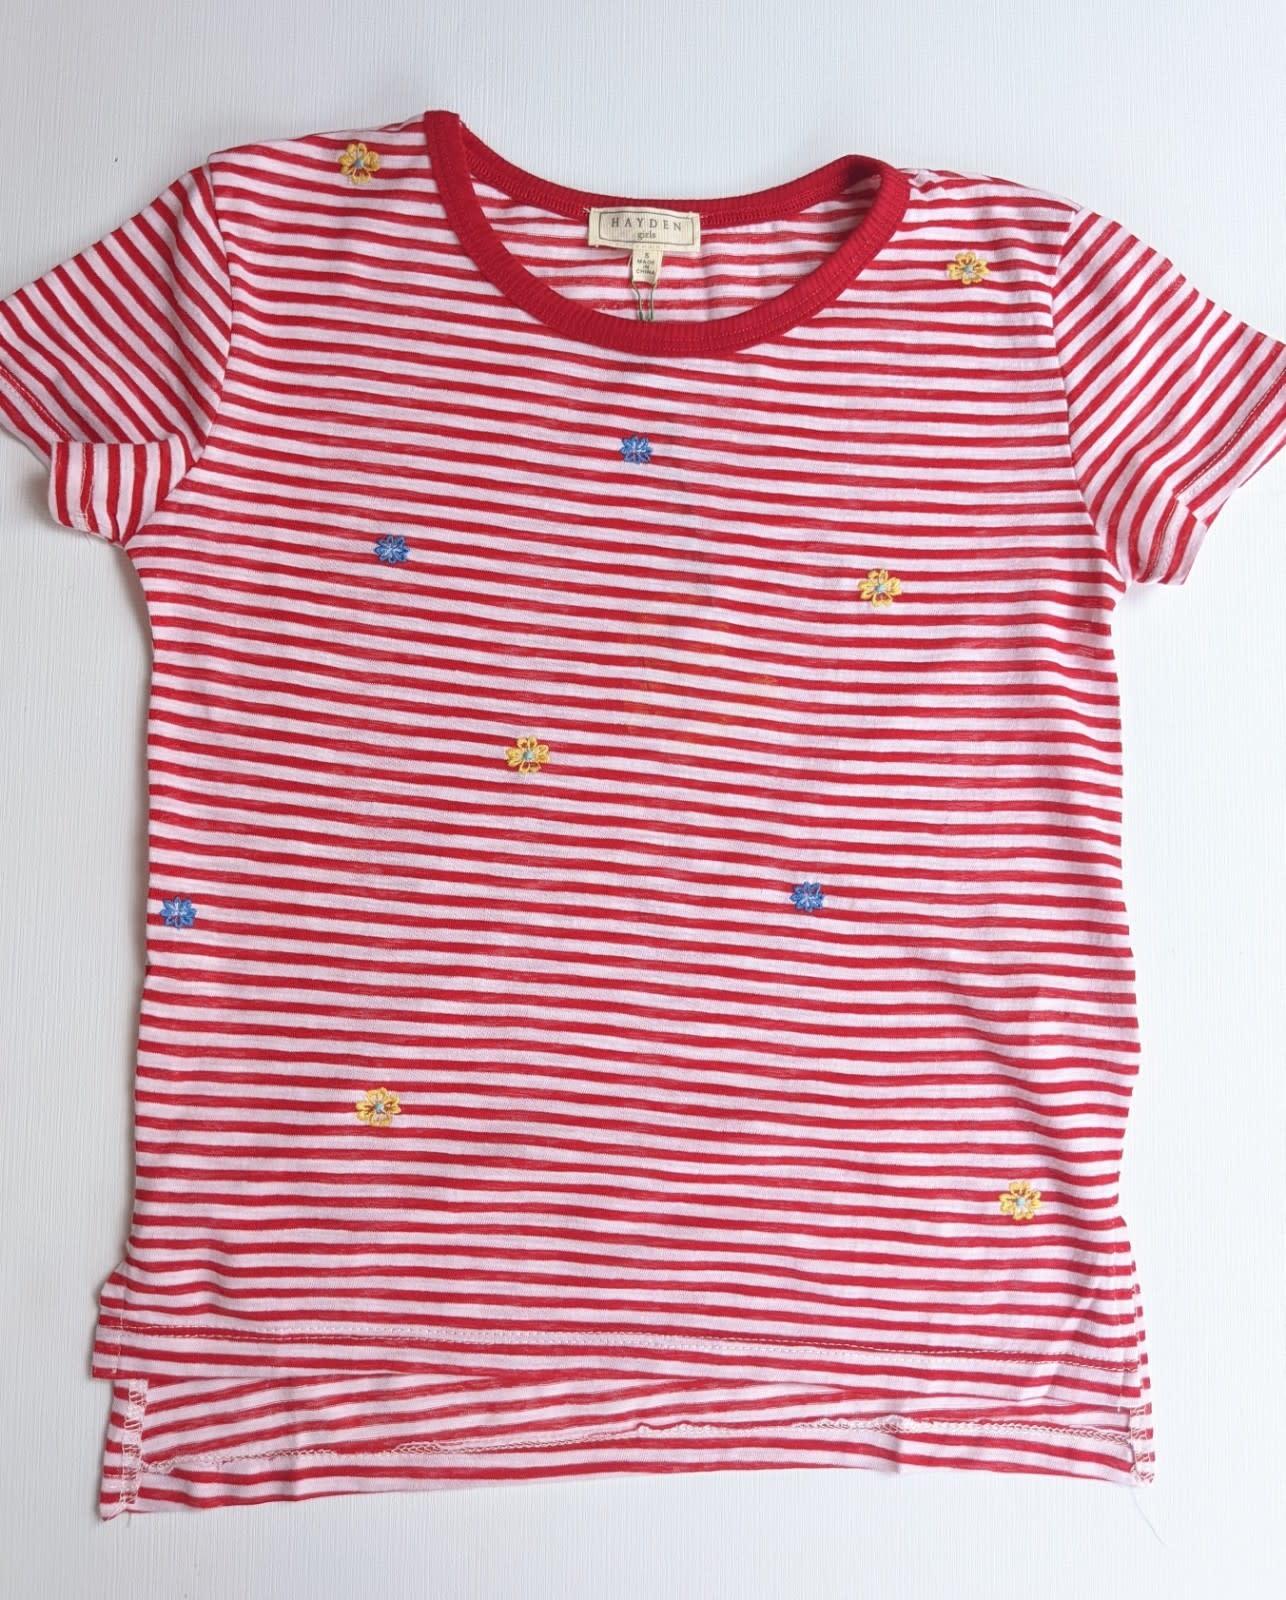 Striped Red Tshirt w/ Flowers